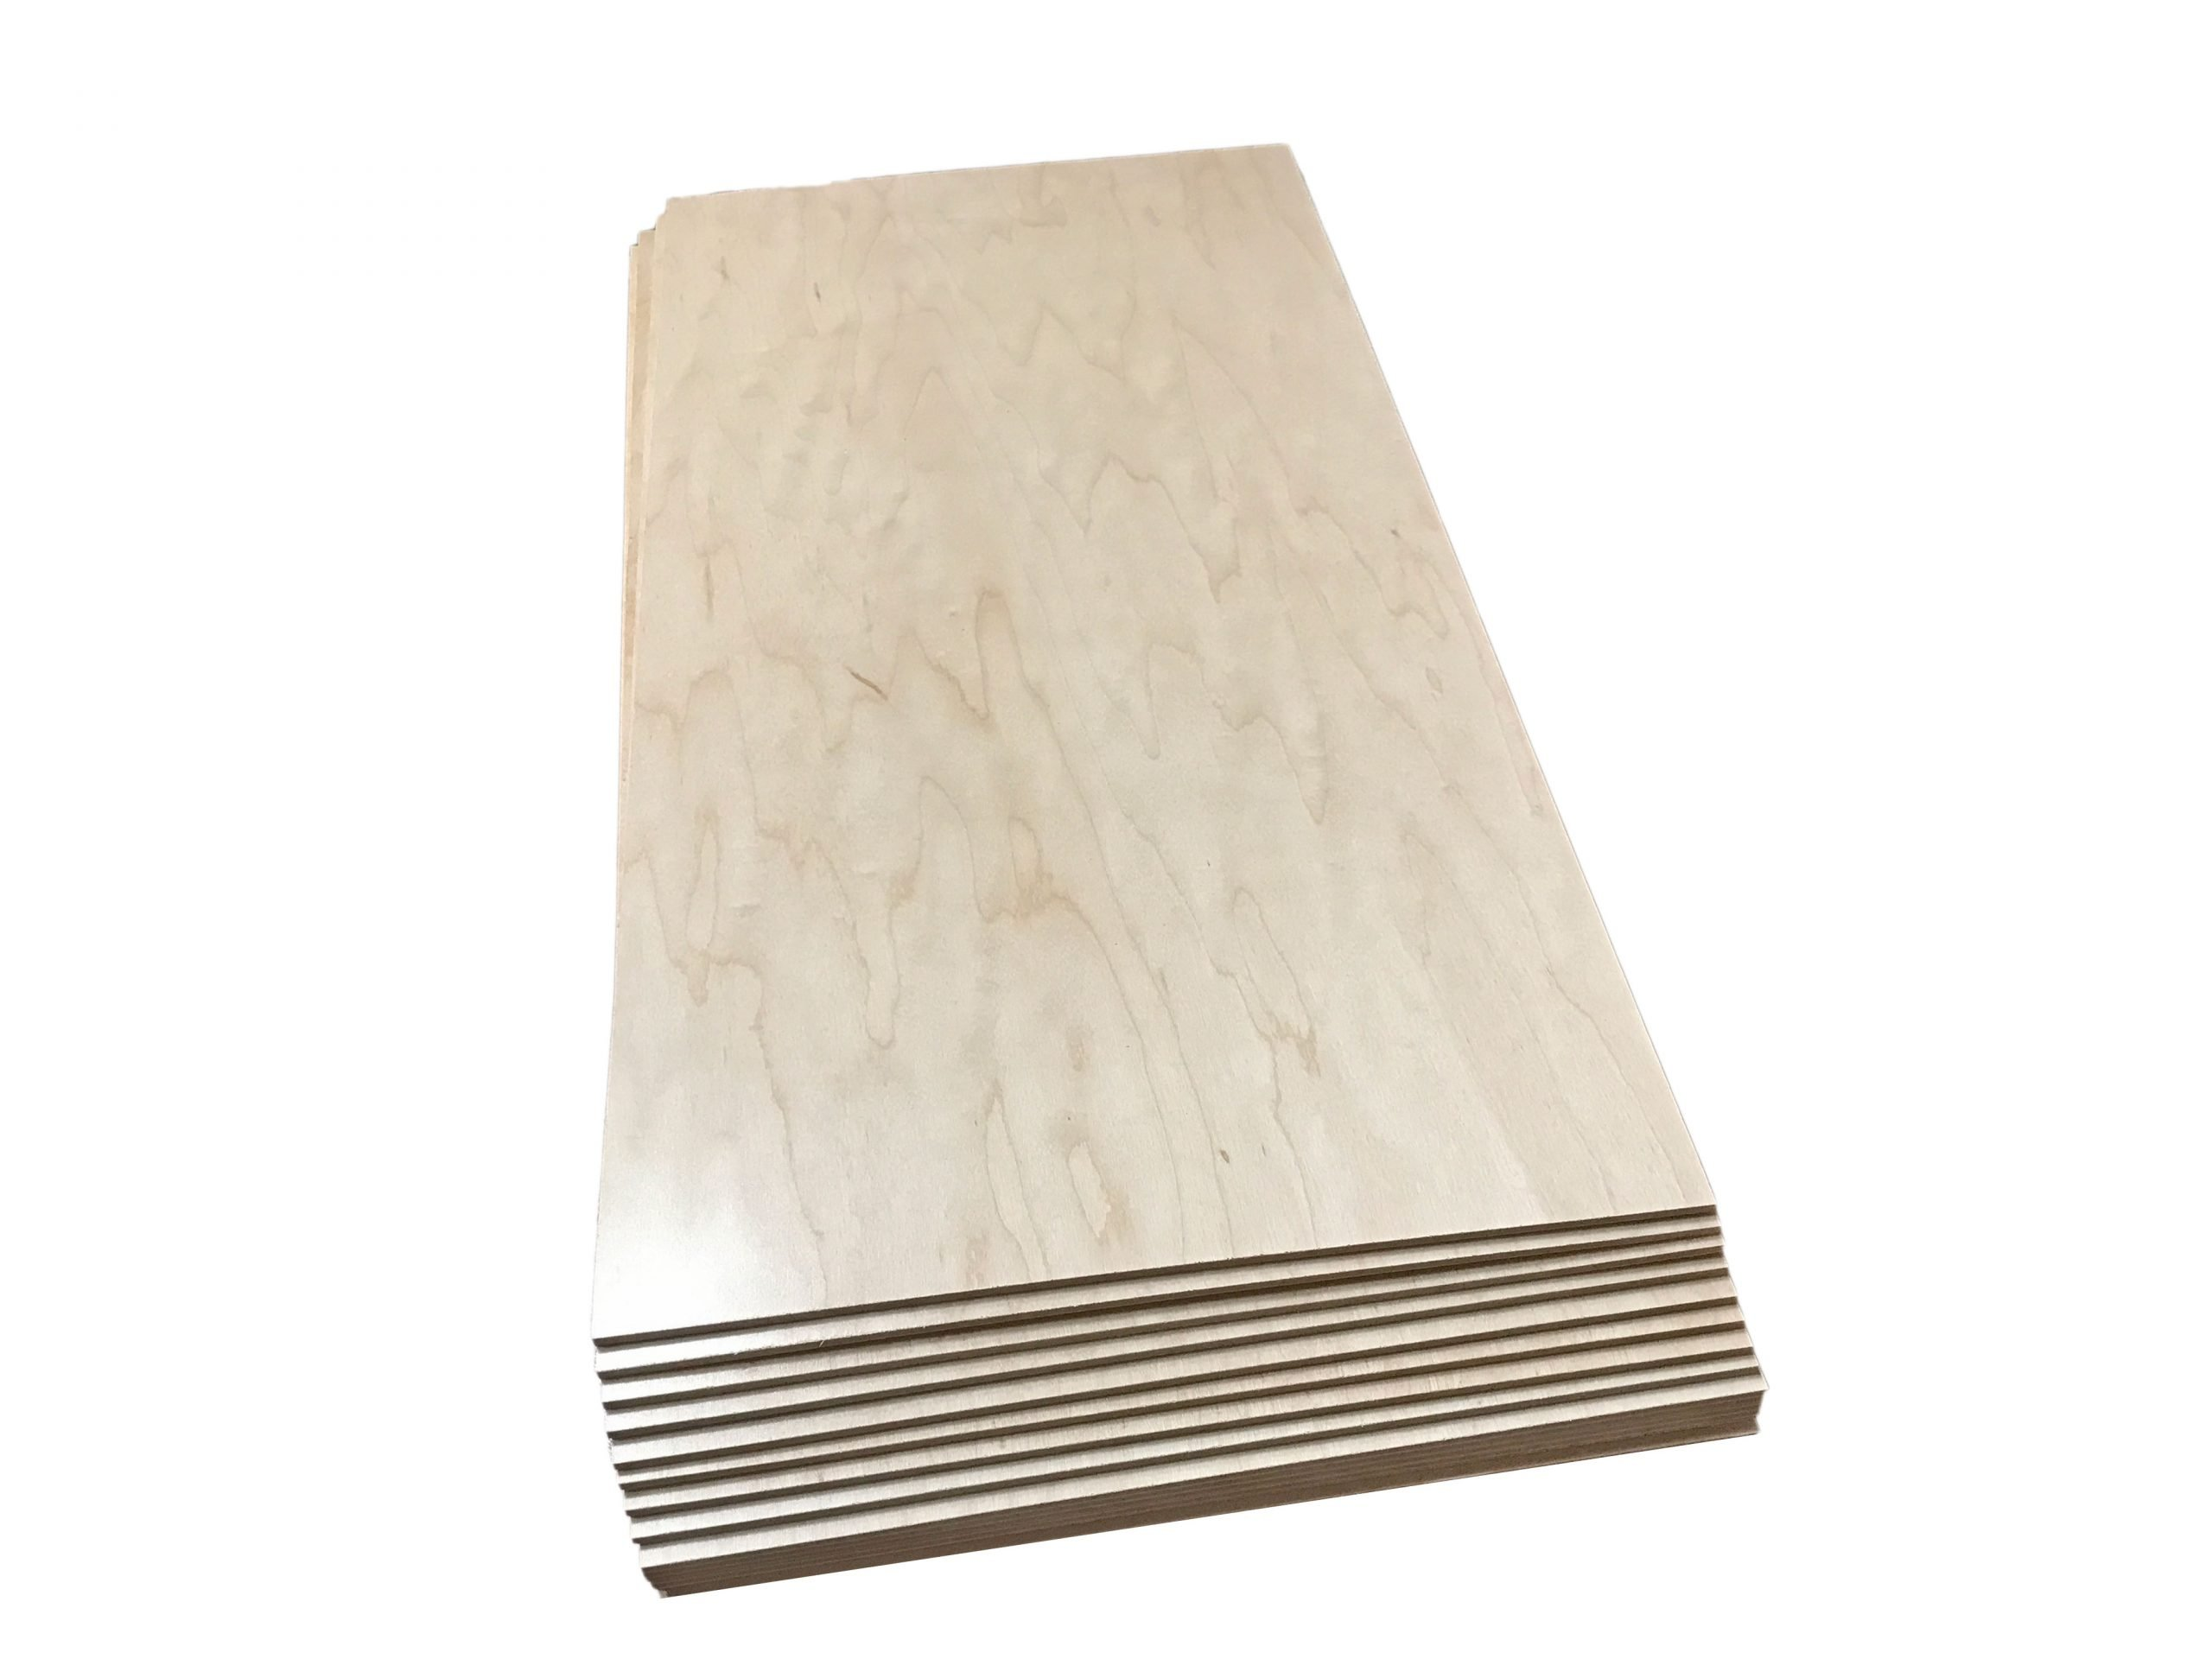 Prefinished Maple Plywood Laserwood